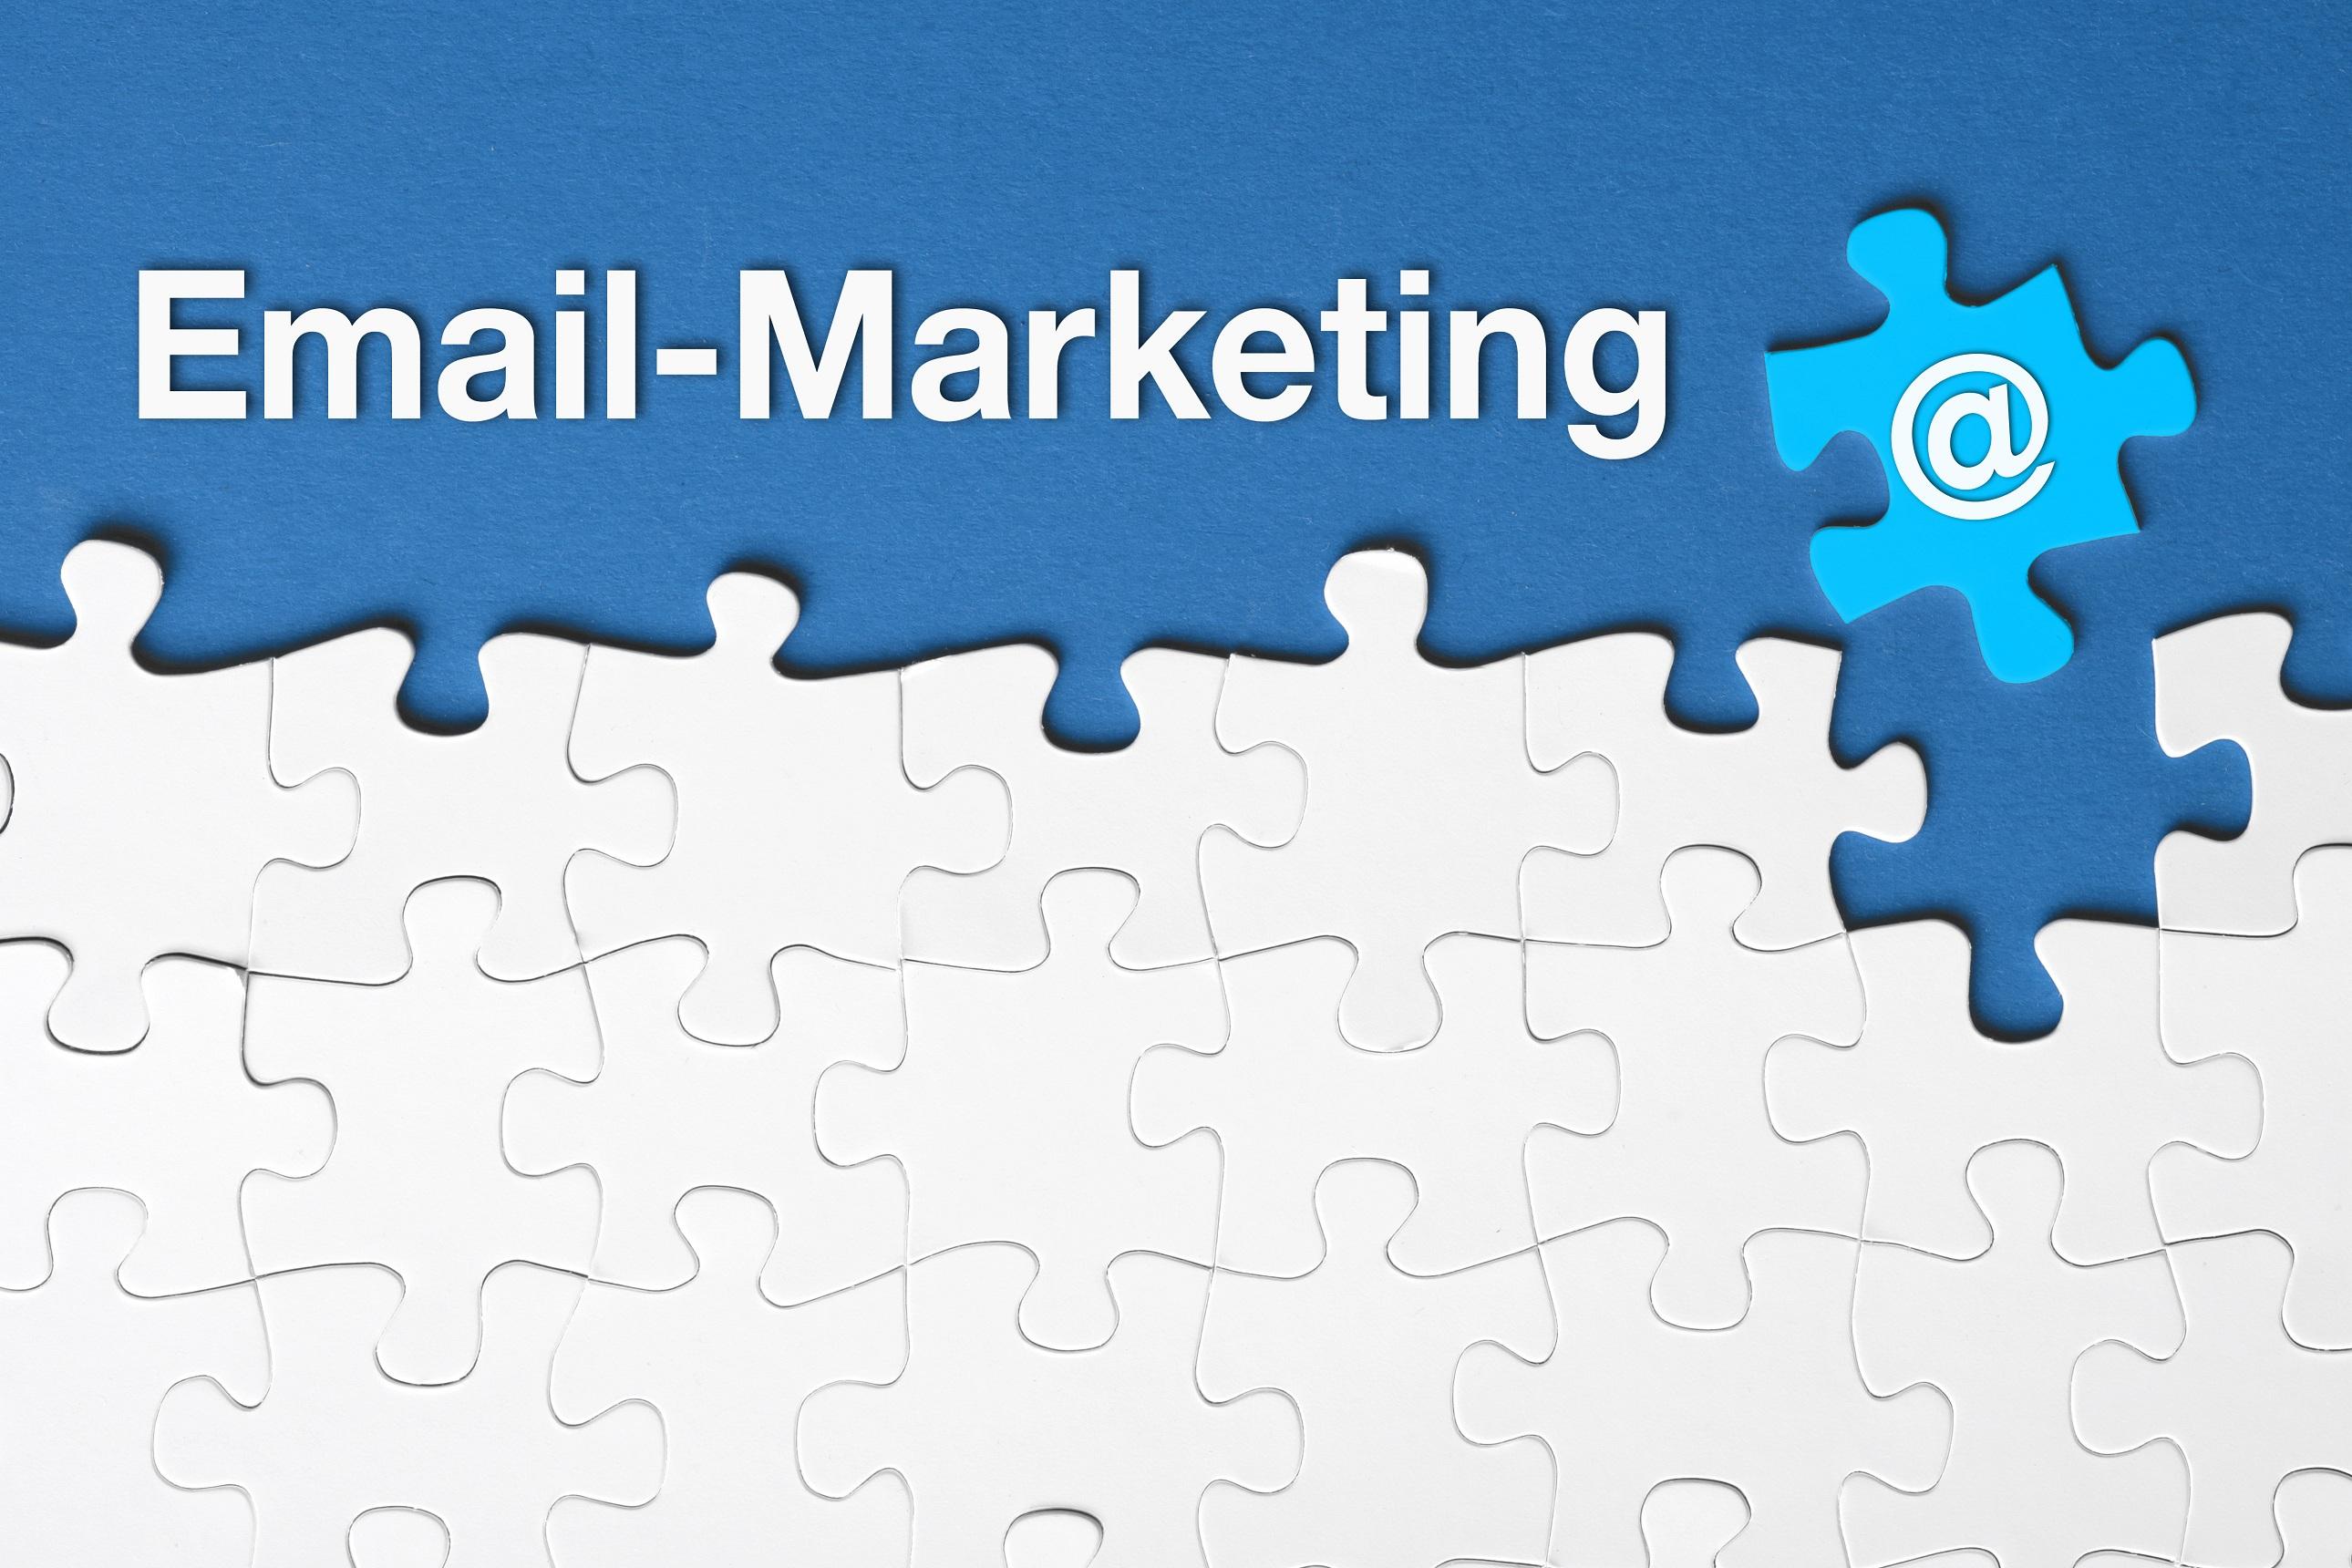 лучшие методы e-mail маркетинга